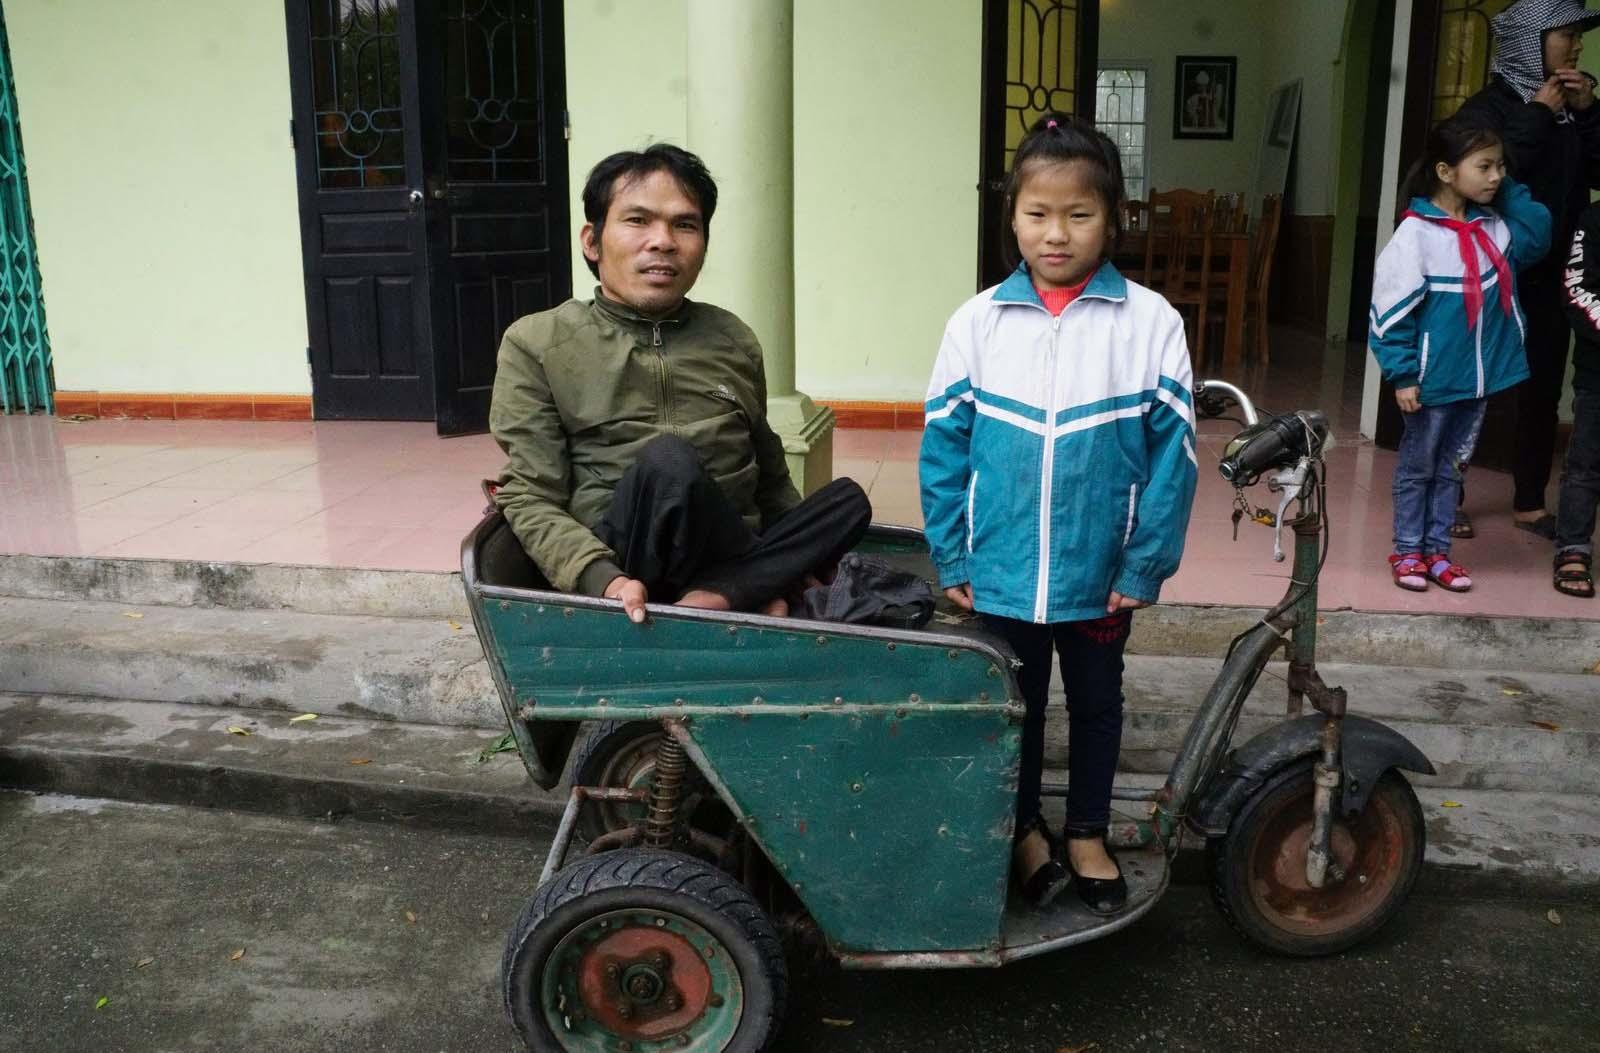 Ban khuyến học - Caritas Việt Nam: Trải nghiệm để chắp cánh ước mơ